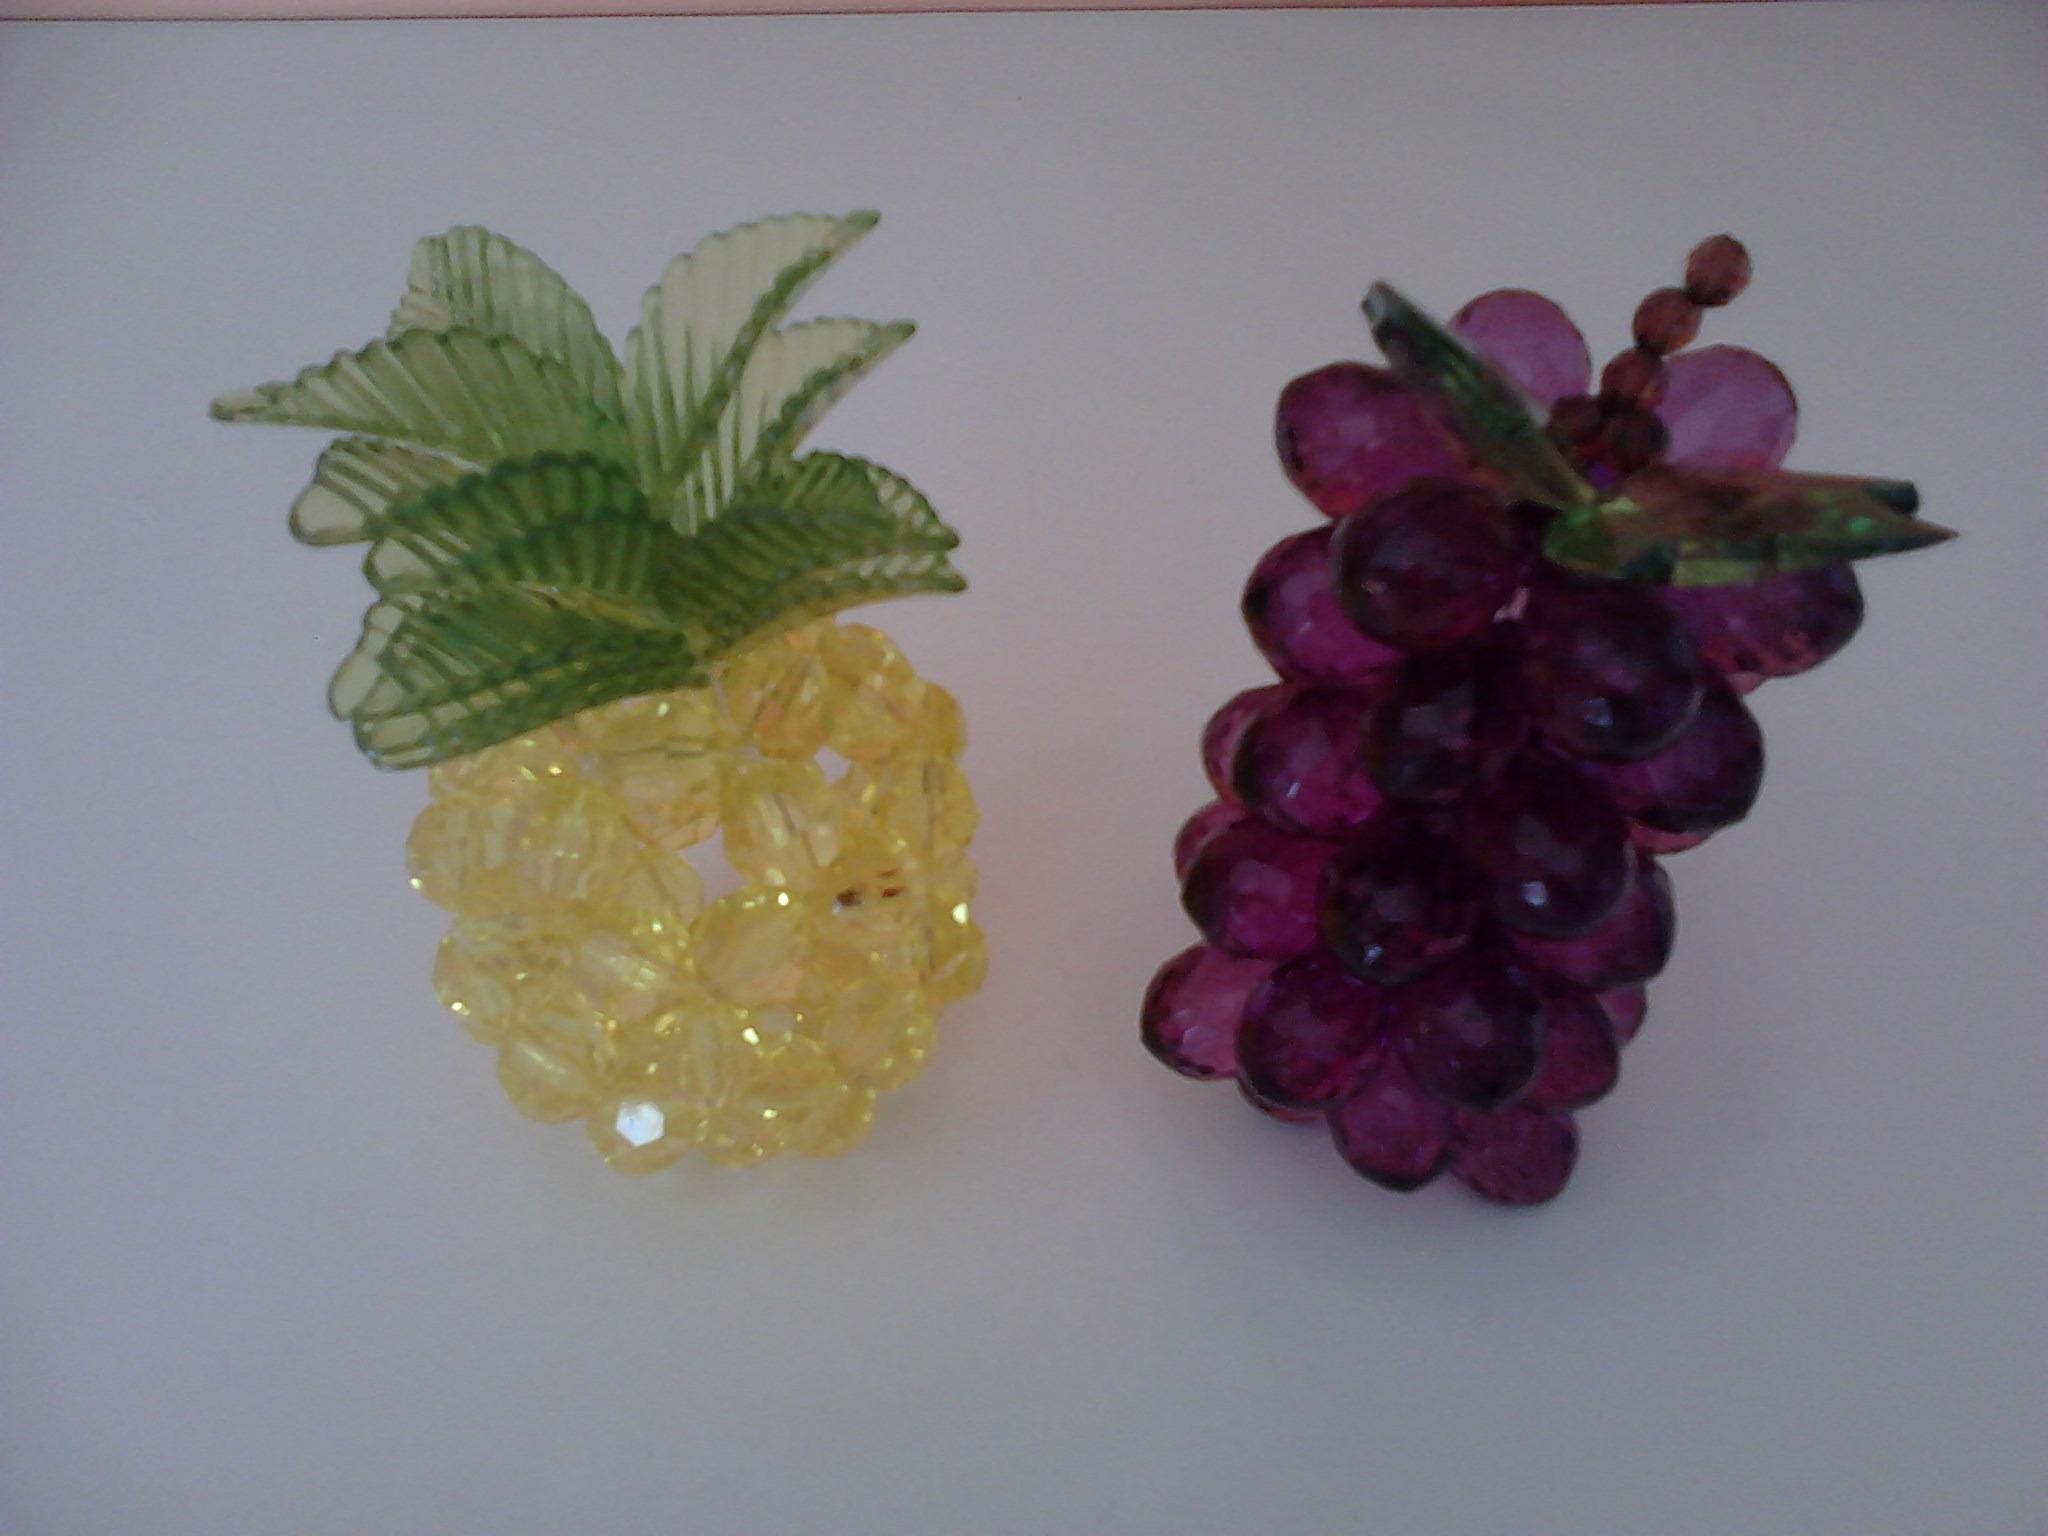 Enfeite De Frutas ~ Enfeites de Pedraria C Formato de Frutas Elo7